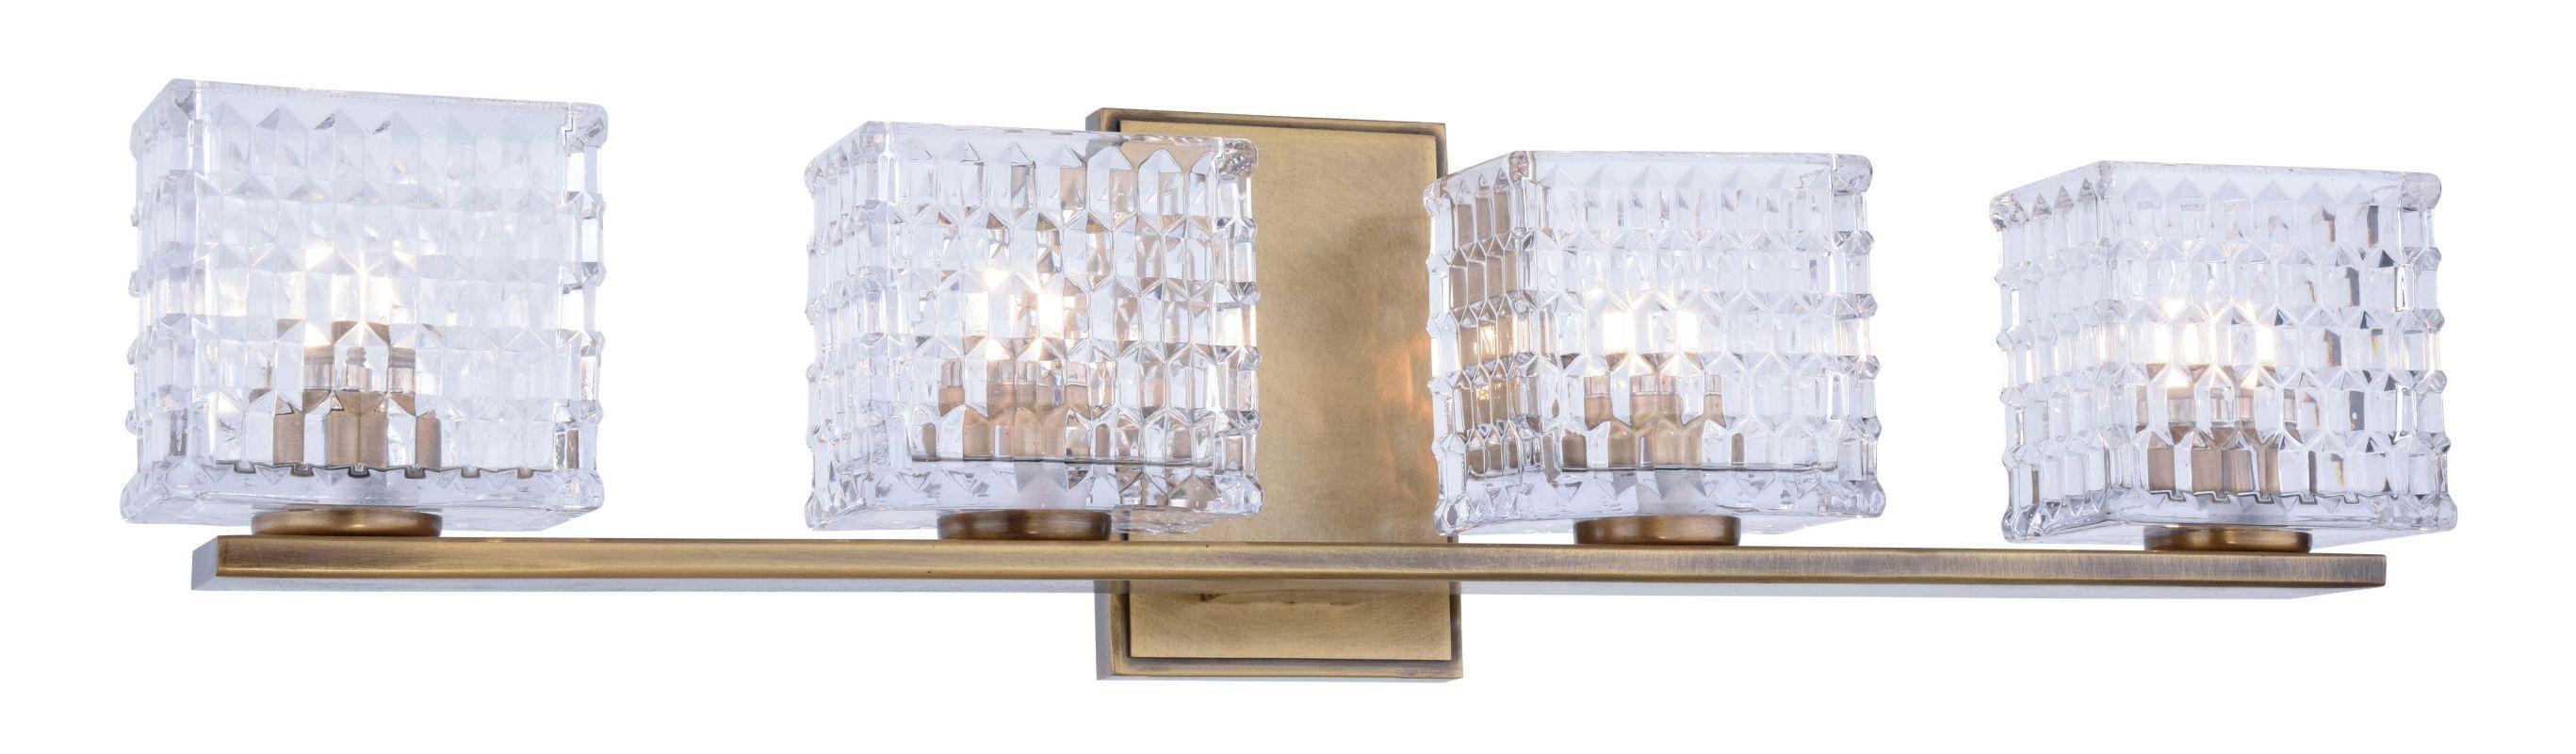 """Elegant Lighting 1519W25 Ankara 24.5"""" Wide 4 Light Contemporary Ambient ADA Vani Light Antique Brass Indoor Lighting Bathroom Fixtures Vanity Light"""